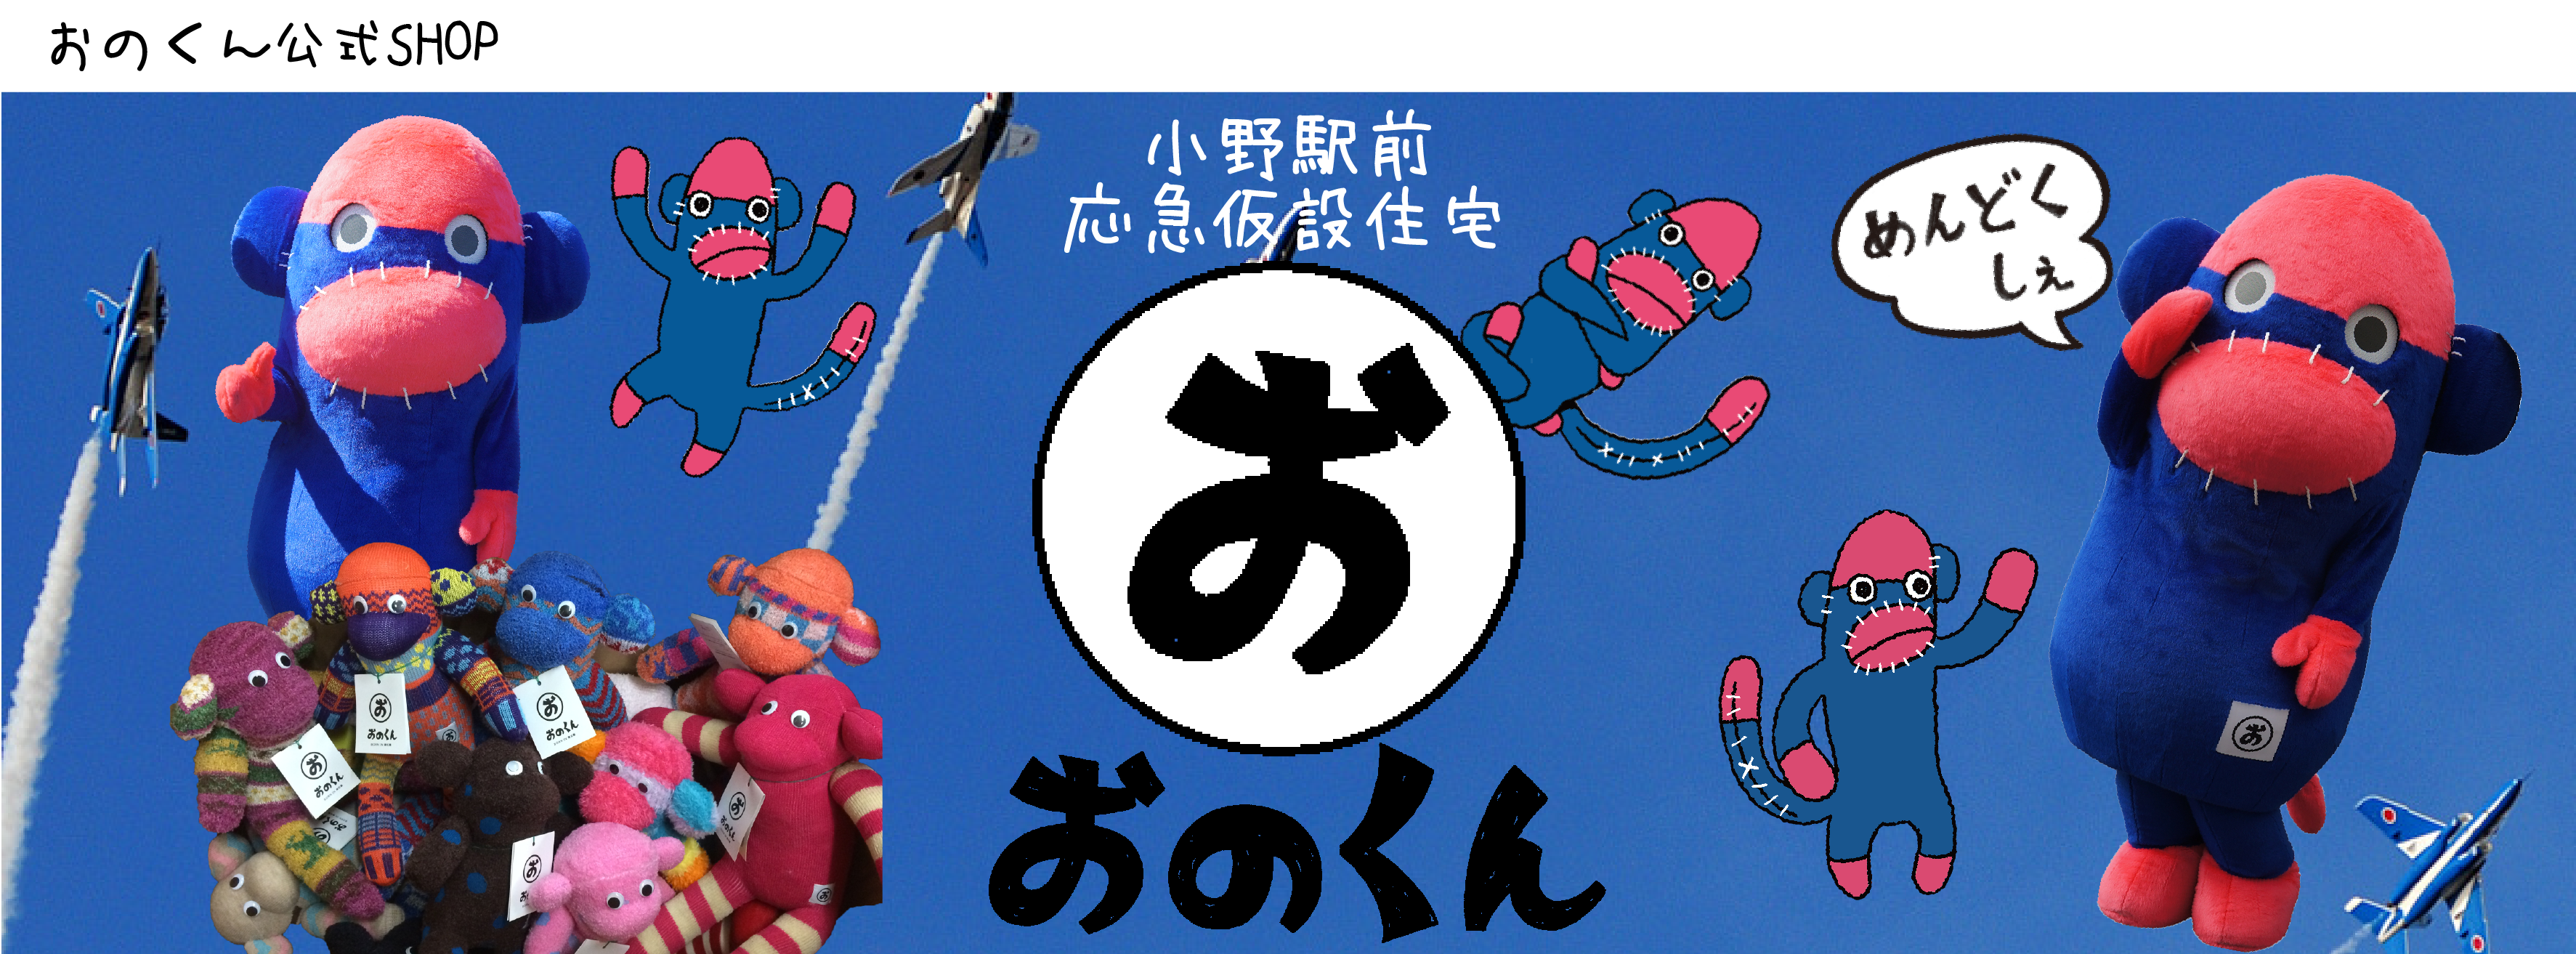 onokun shop